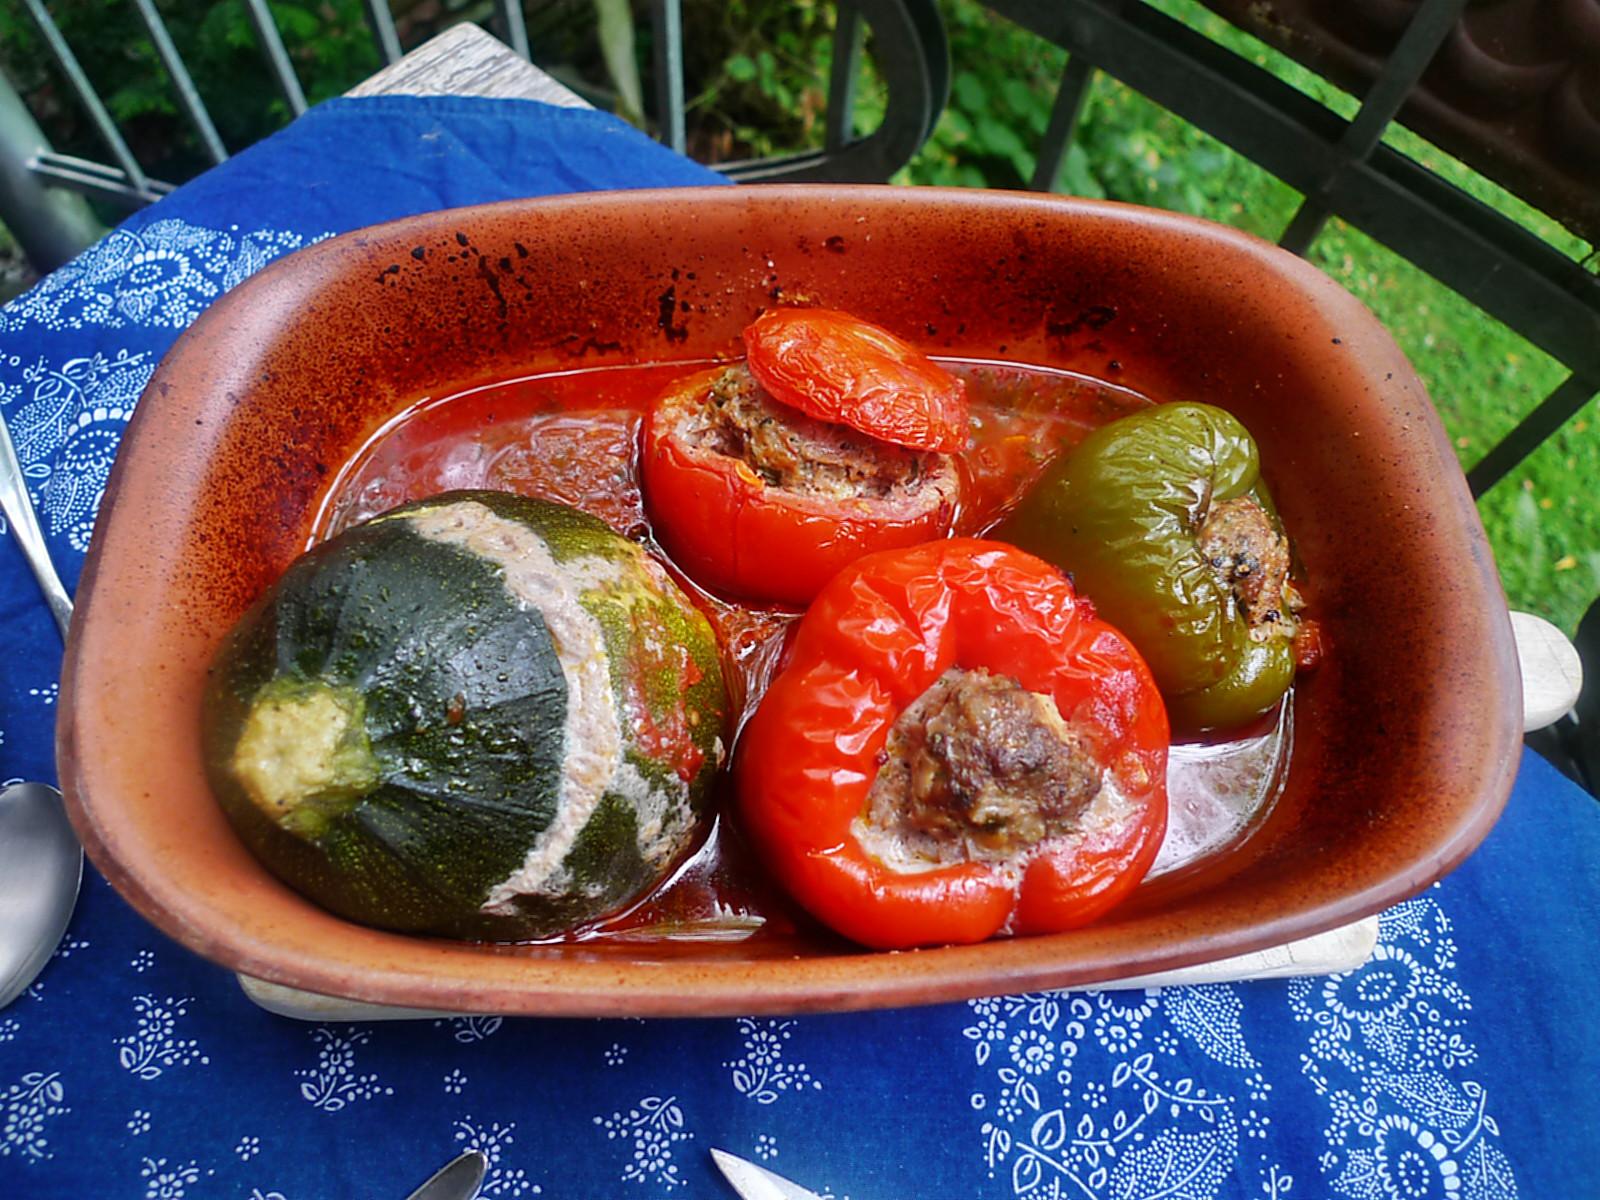 gefüllte Zucchini und Paprika-7.8.14  (16)